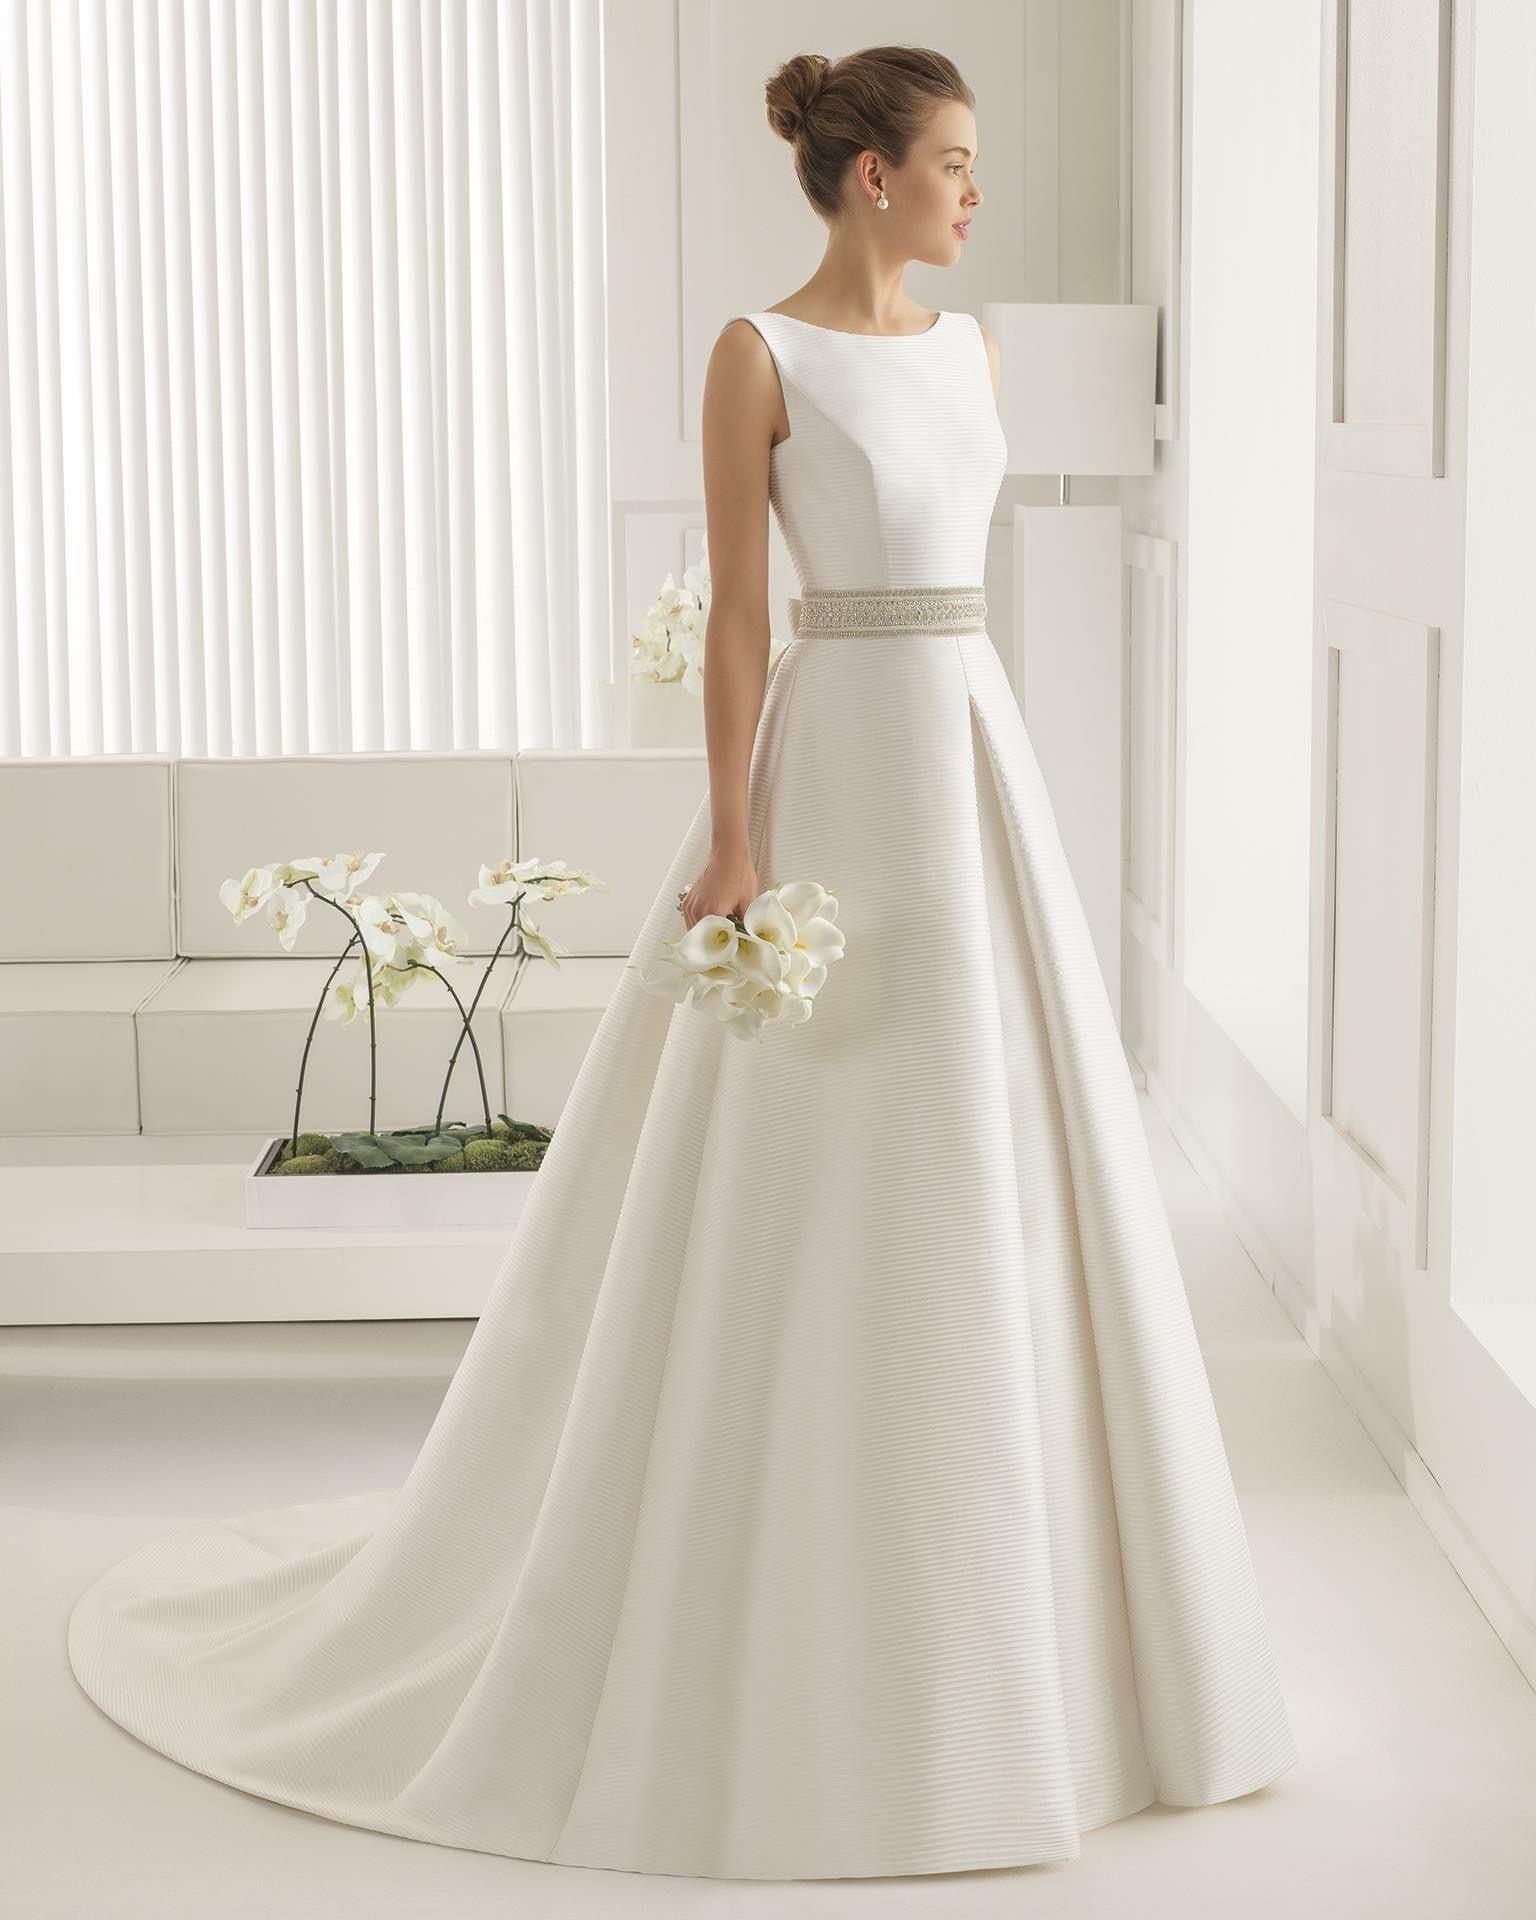 20 Wunderbar Elegante Kostüme Zur Hochzeit Spezialgebiet17 Cool Elegante Kostüme Zur Hochzeit Bester Preis